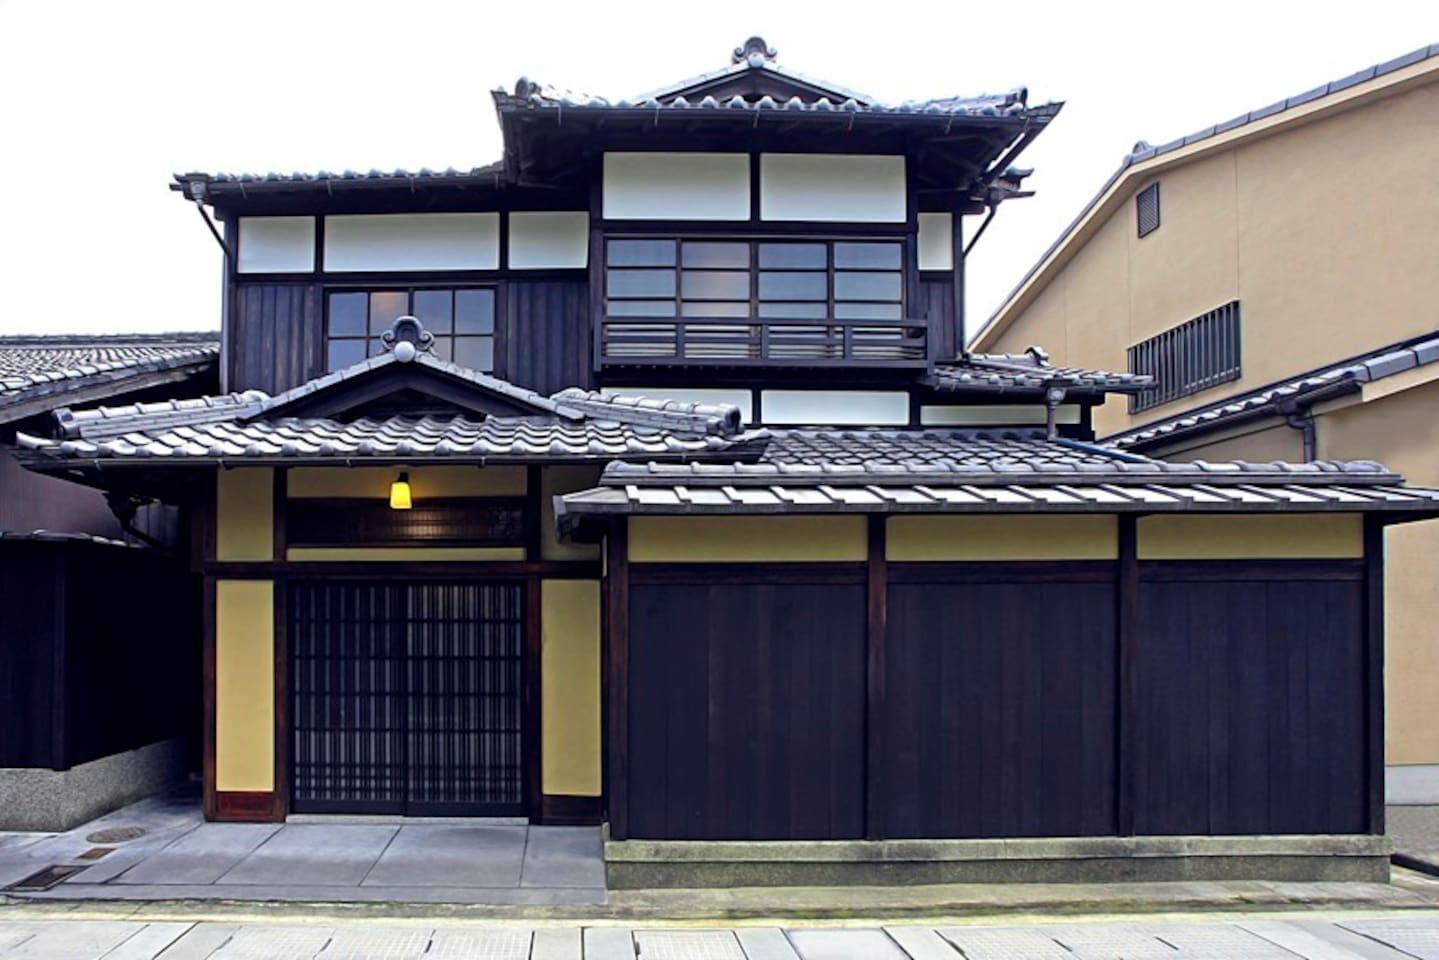 The Arashiyama Hanare House's facade